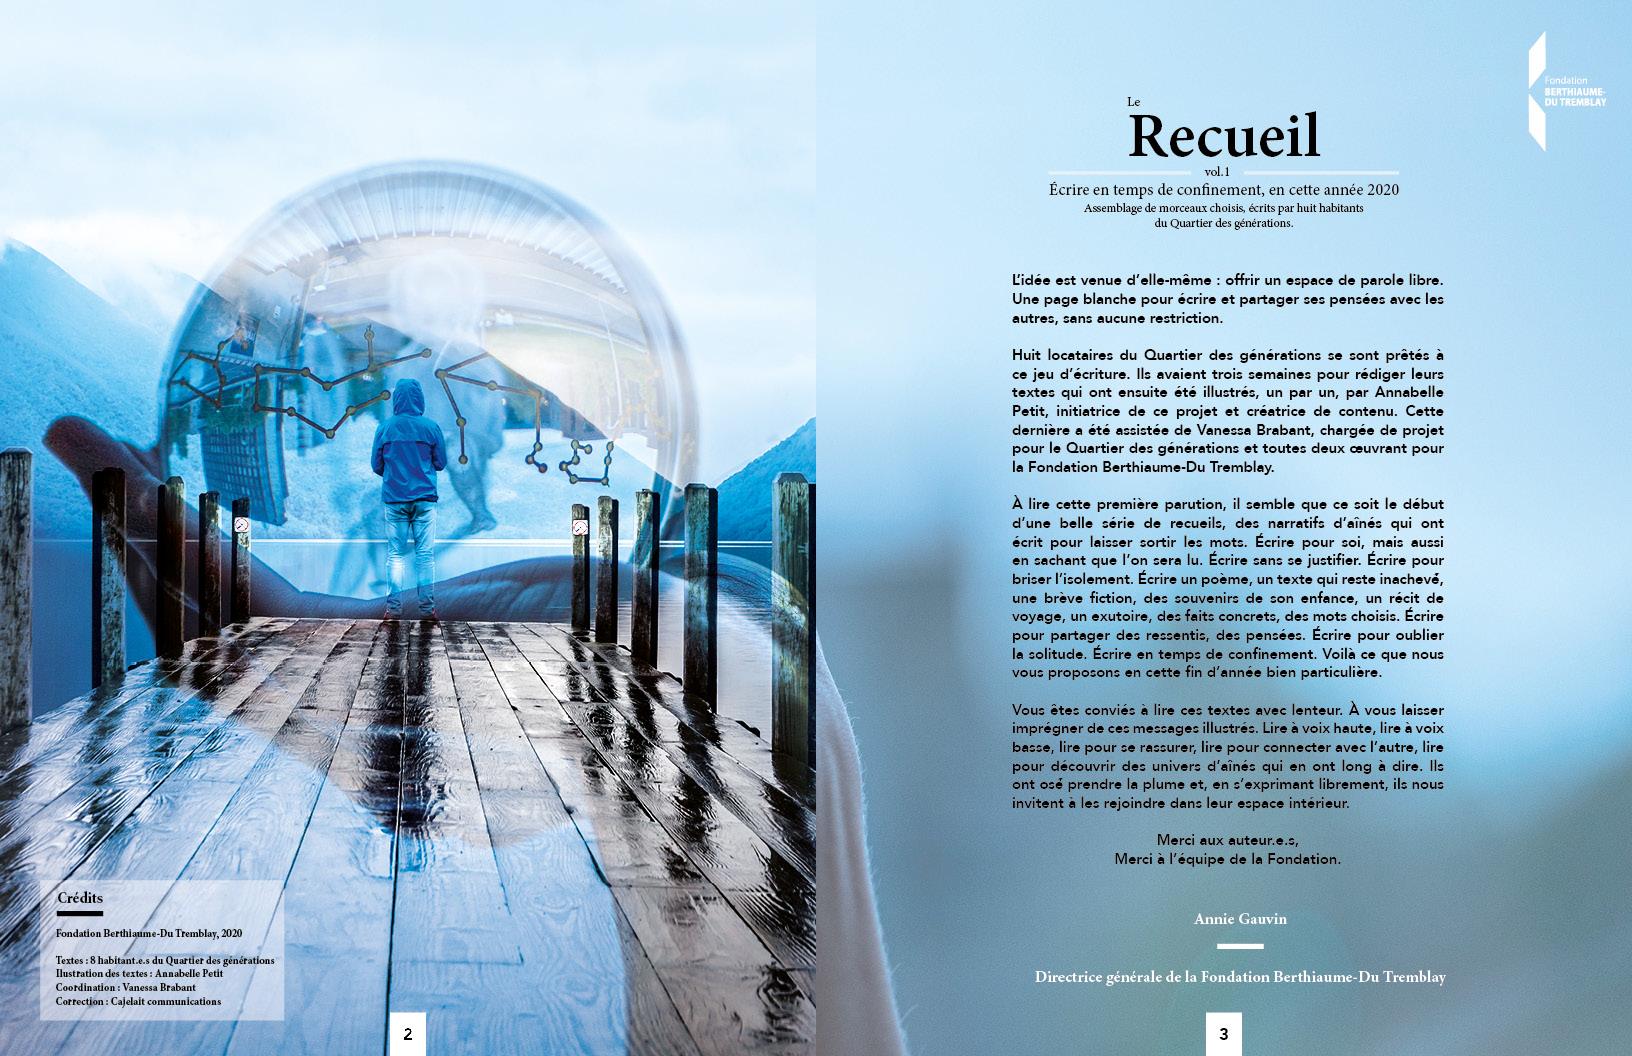 Le Recueil (vol.1) : La Fondation Berthiaume du Tremblay vous offre un cadeau!